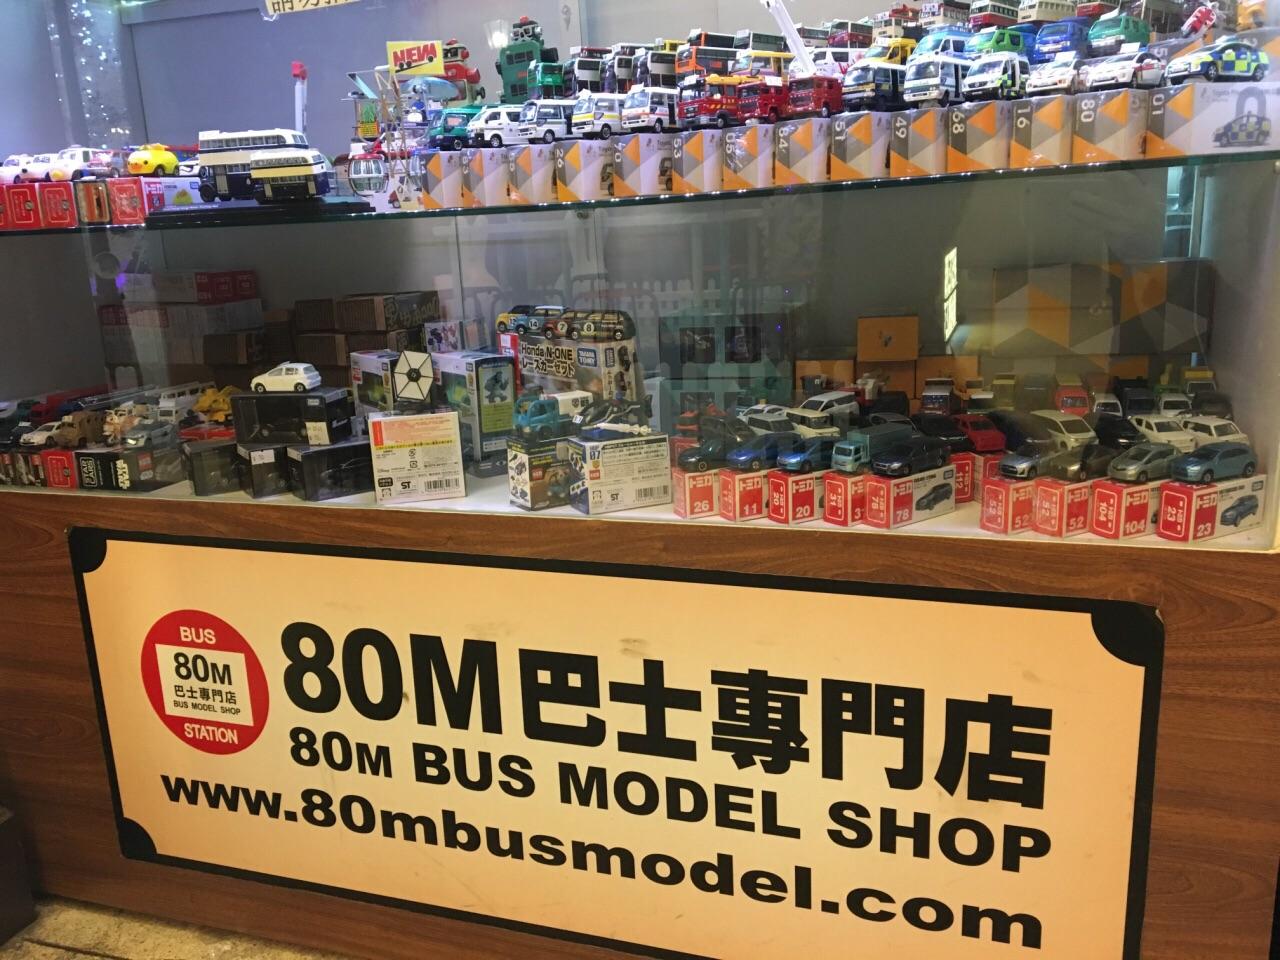 香港80m巴士专门店 太子旗舰店 购物攻略 80m巴士专门店 太子旗舰店 物